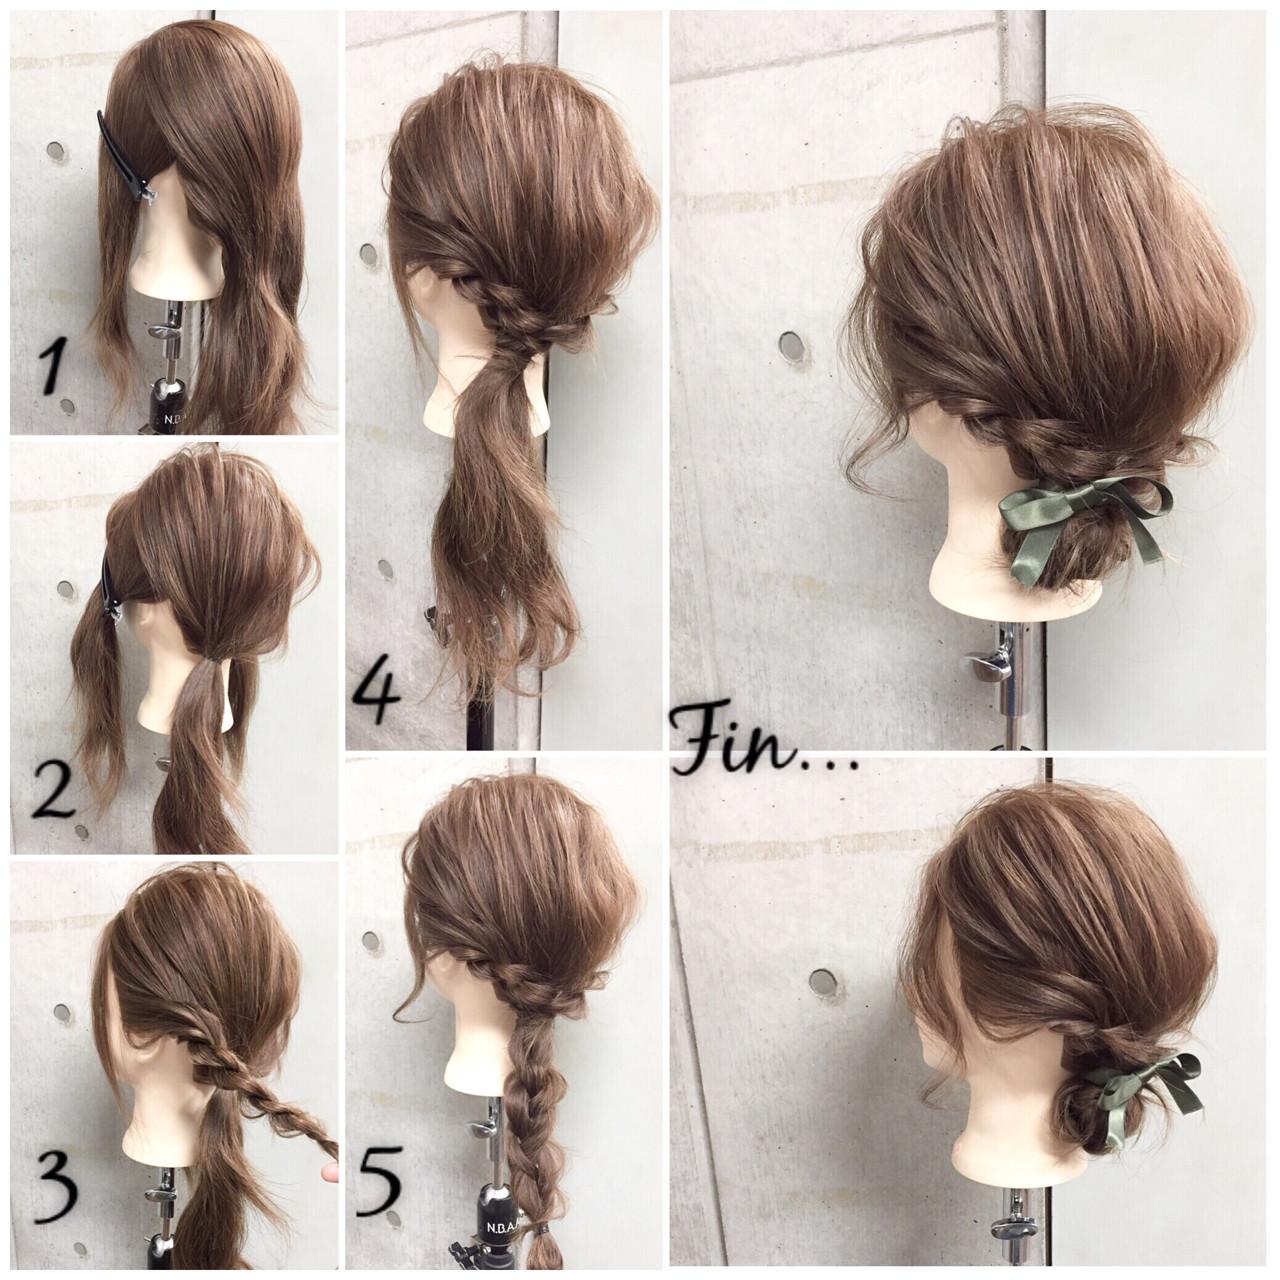 入学式 入園式ママ向け髪型 自分でできる簡単ヘアアレンジ Hair